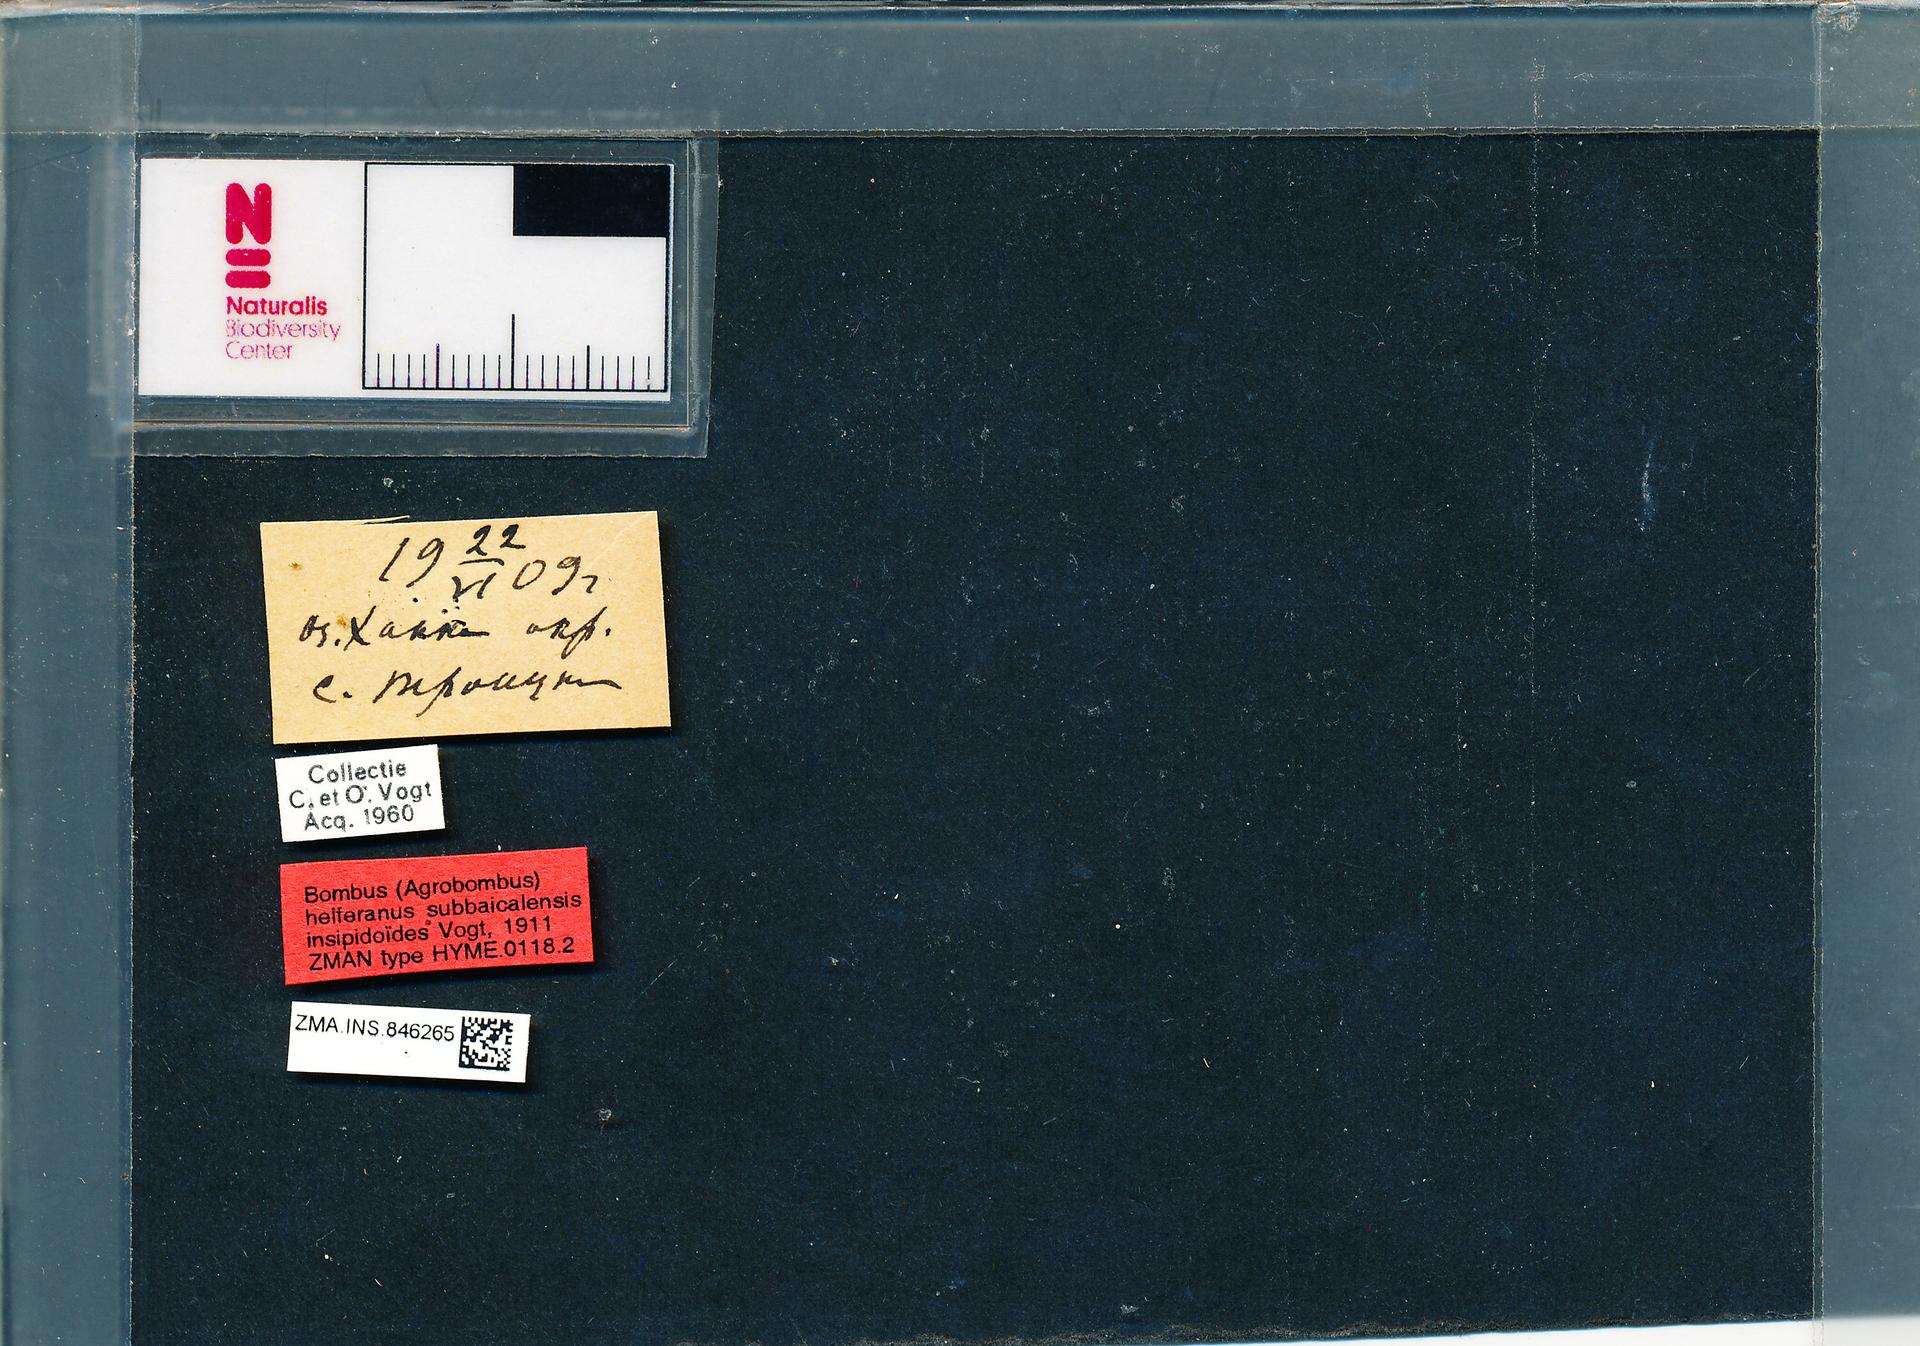 ZMA.INS.846265 | Bombus (Thoracobombus) humilis subbaicalensis Vogt, 1911